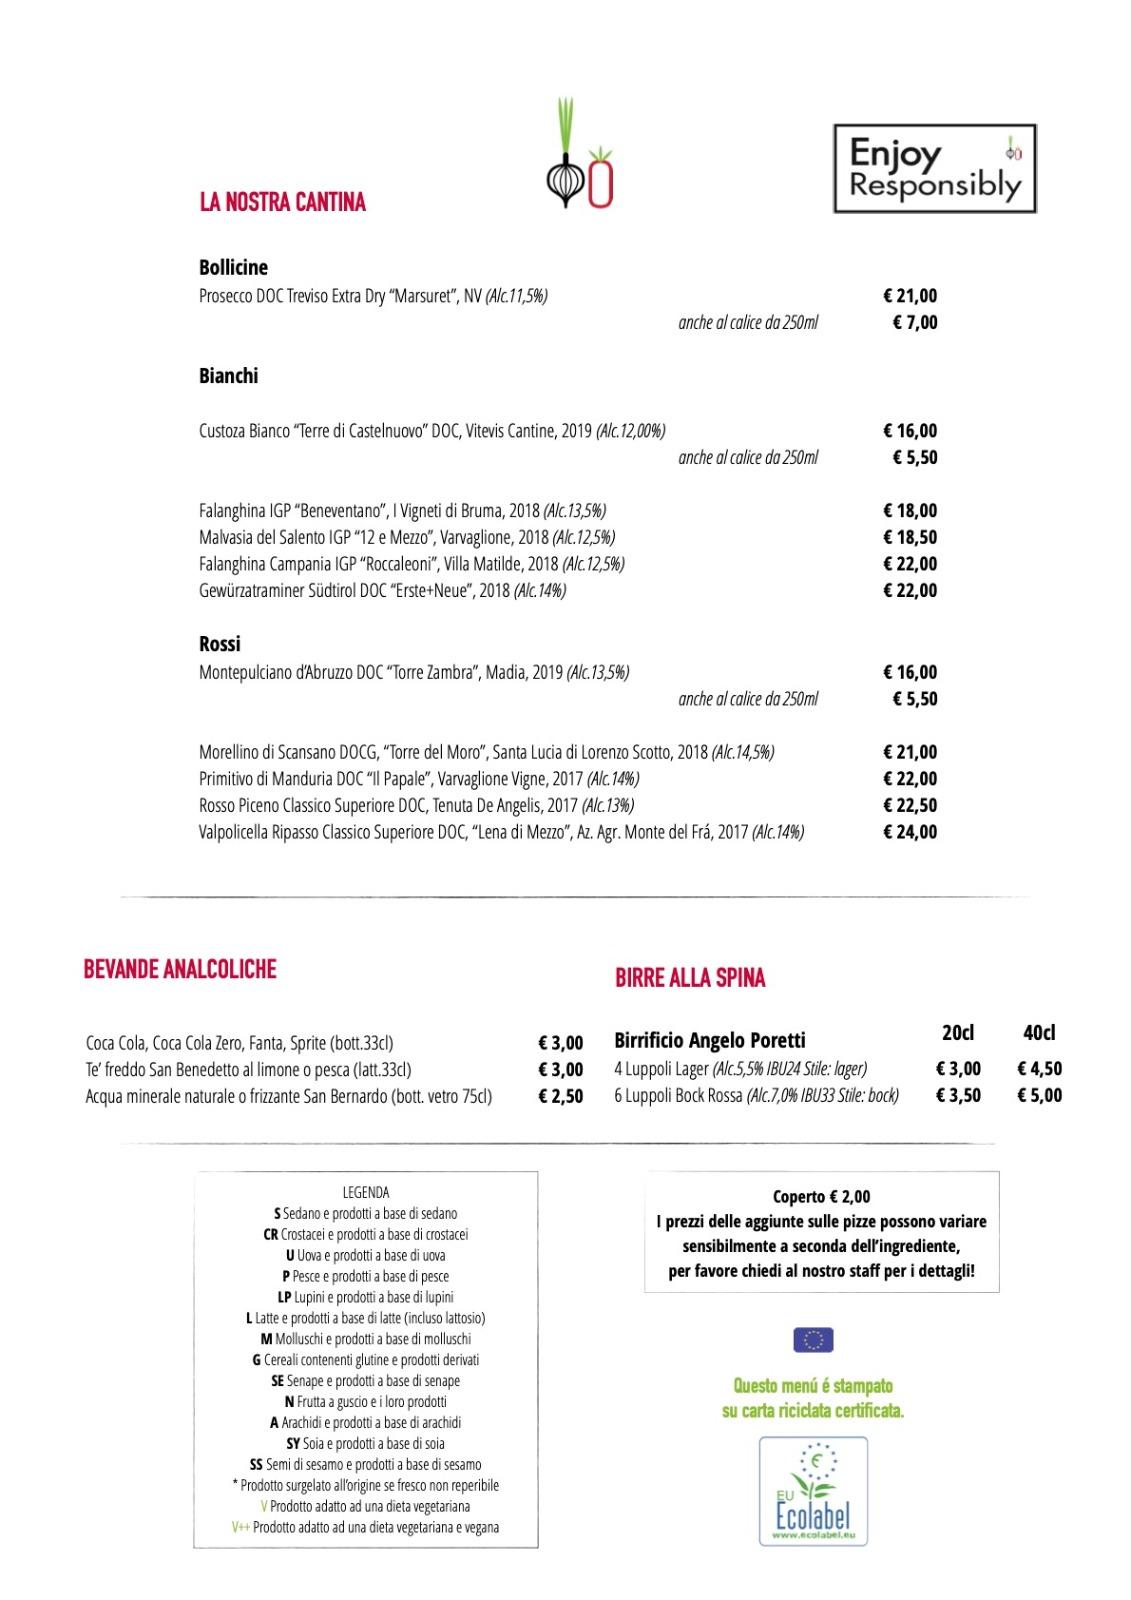 Menu Cosi Com'è Varese Feb 2021 Cantina e Bevande